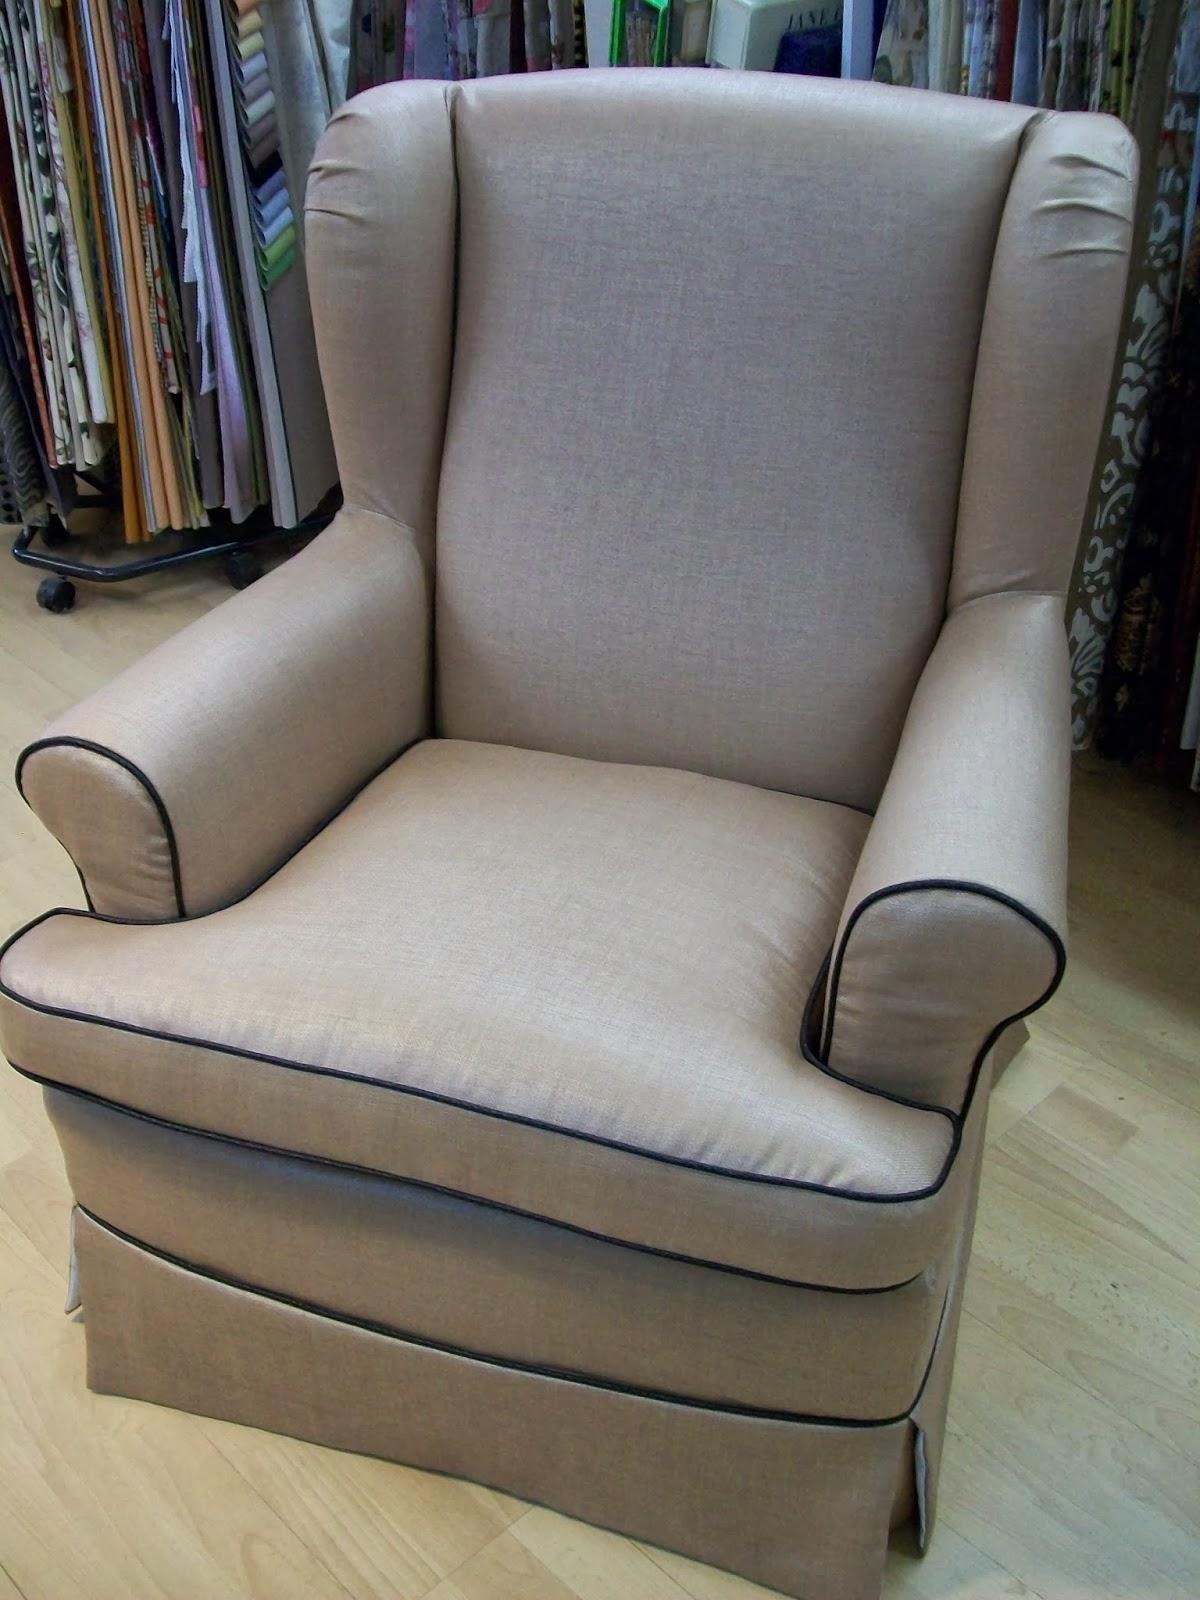 L 39 housse amovible sur fauteuil anglais for Housse de coussin anglais